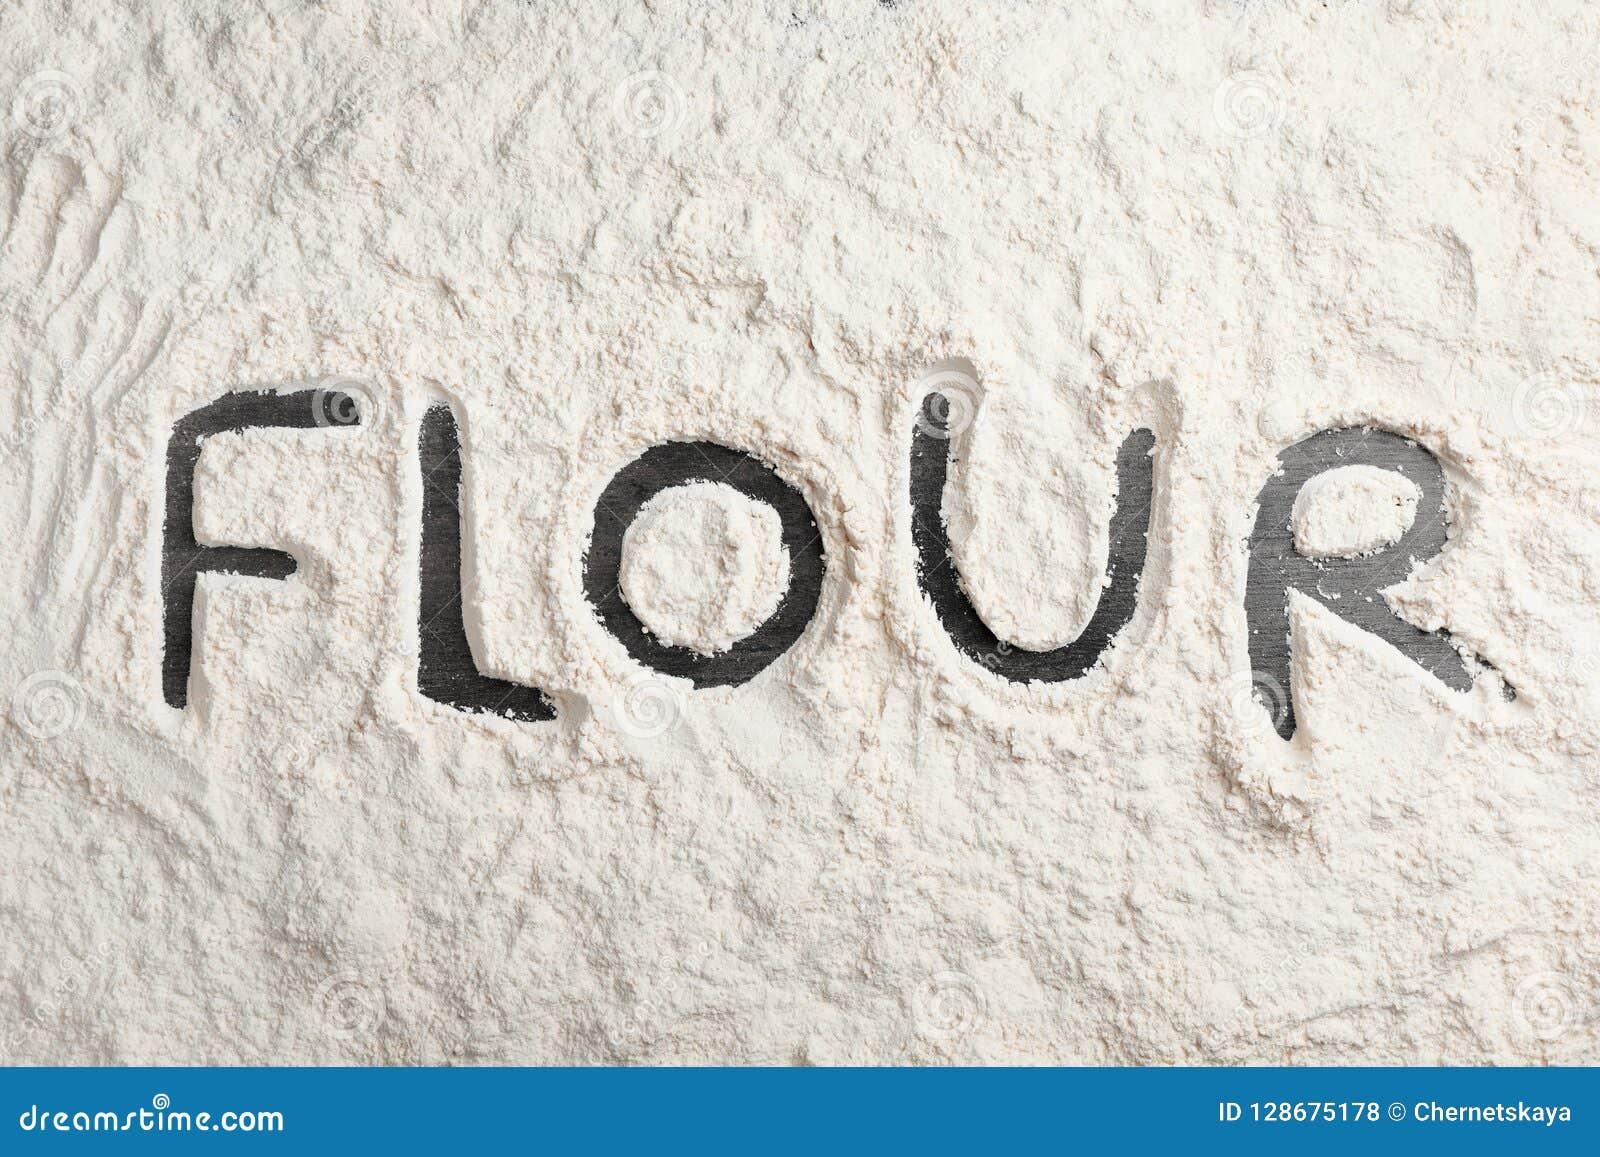 Wort geschrieben auf Schicht Mehl